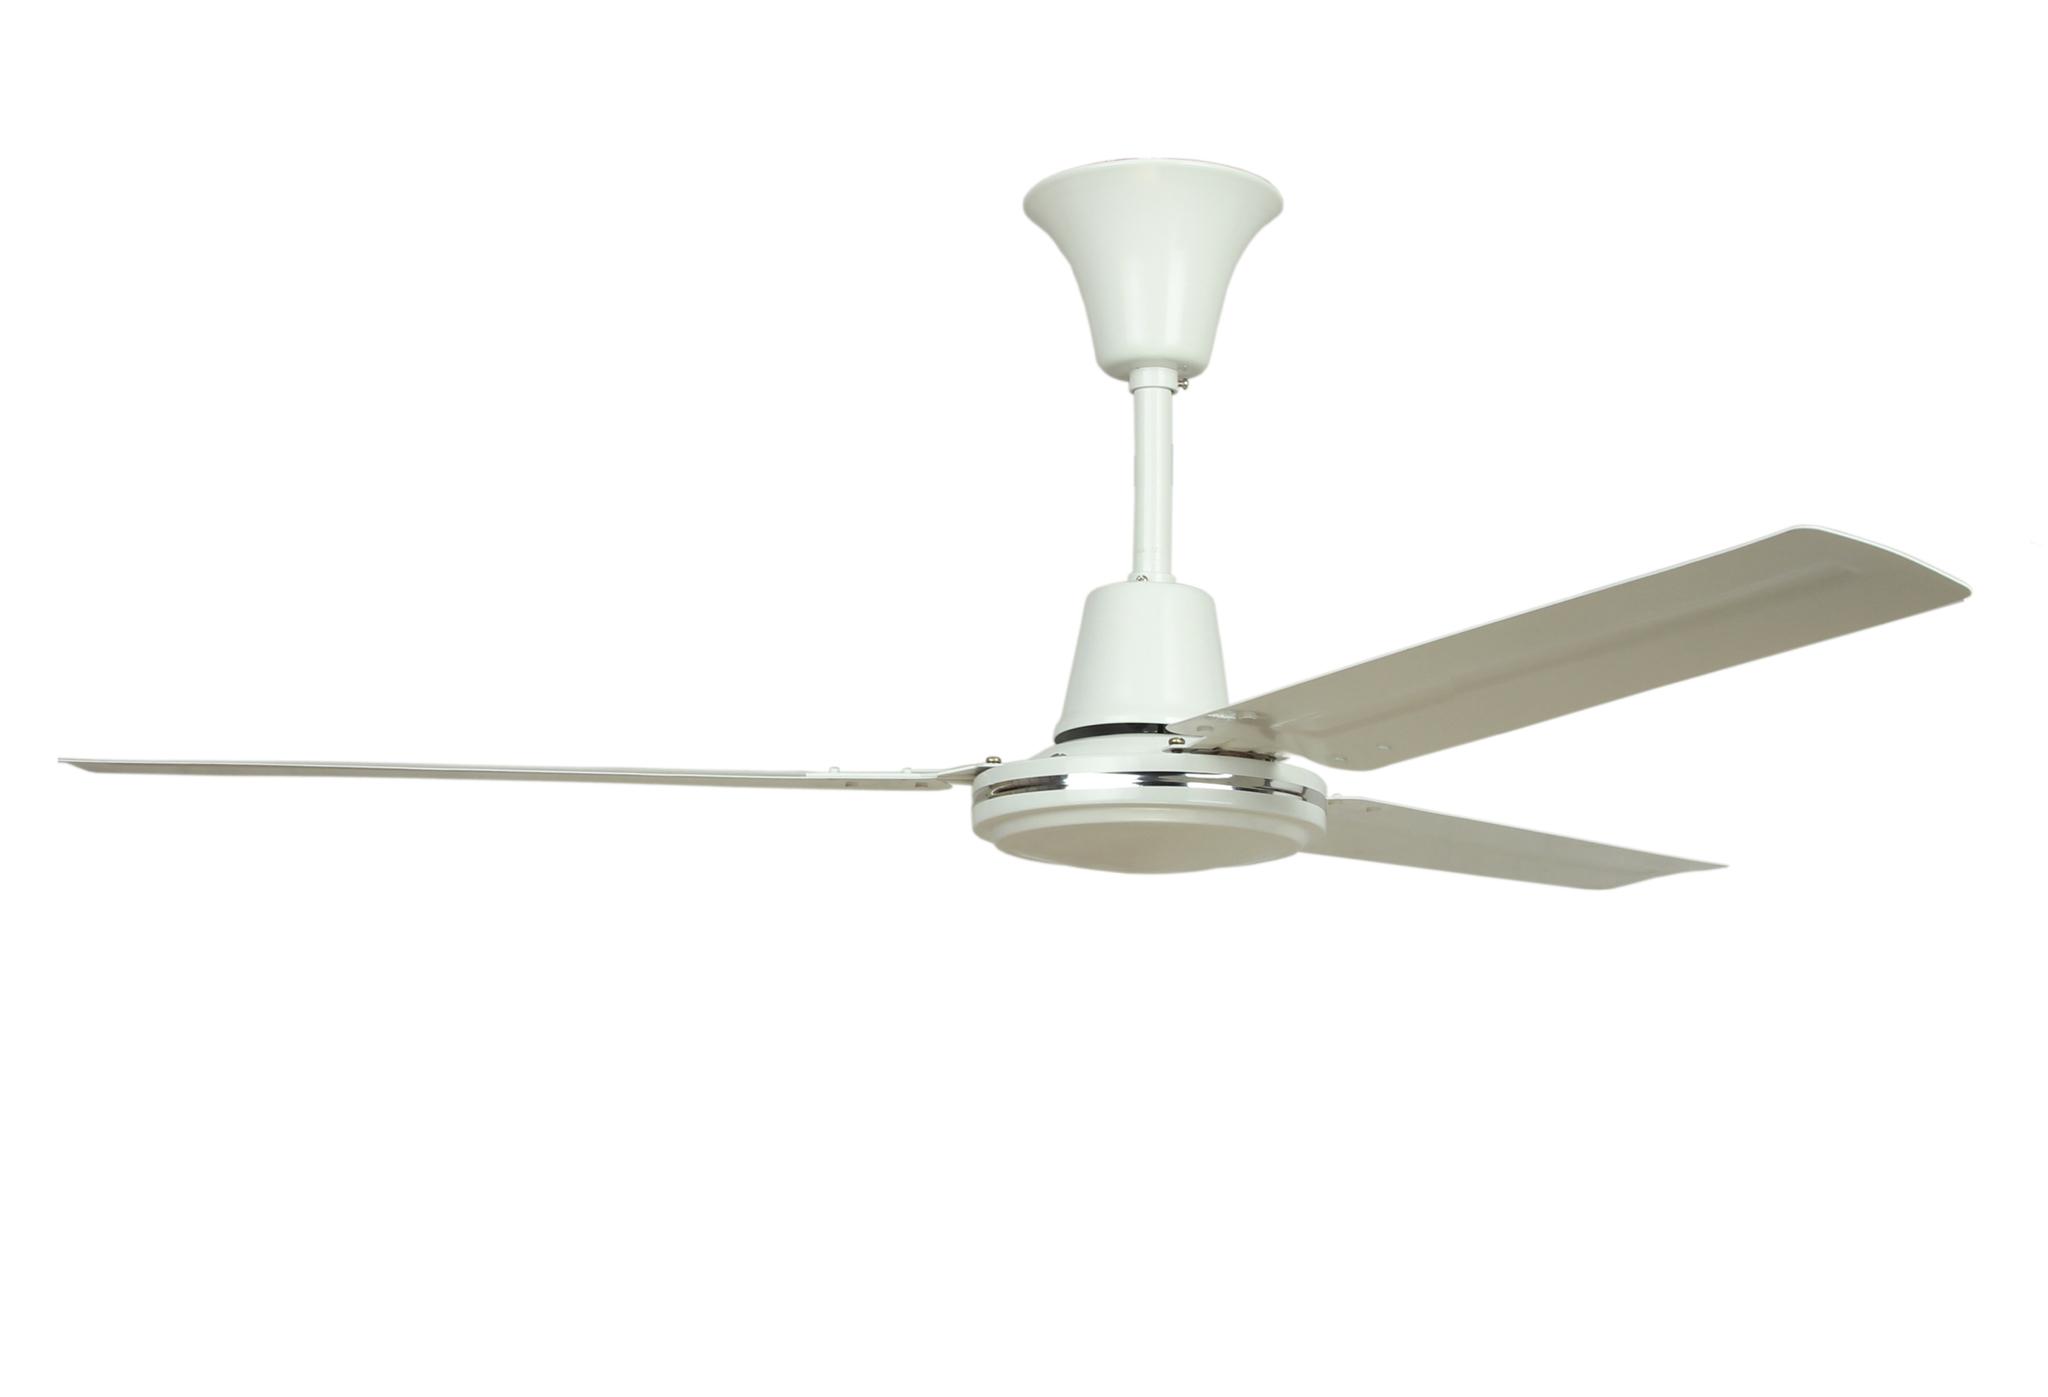 Stropní ventilátory Sulion bez světla